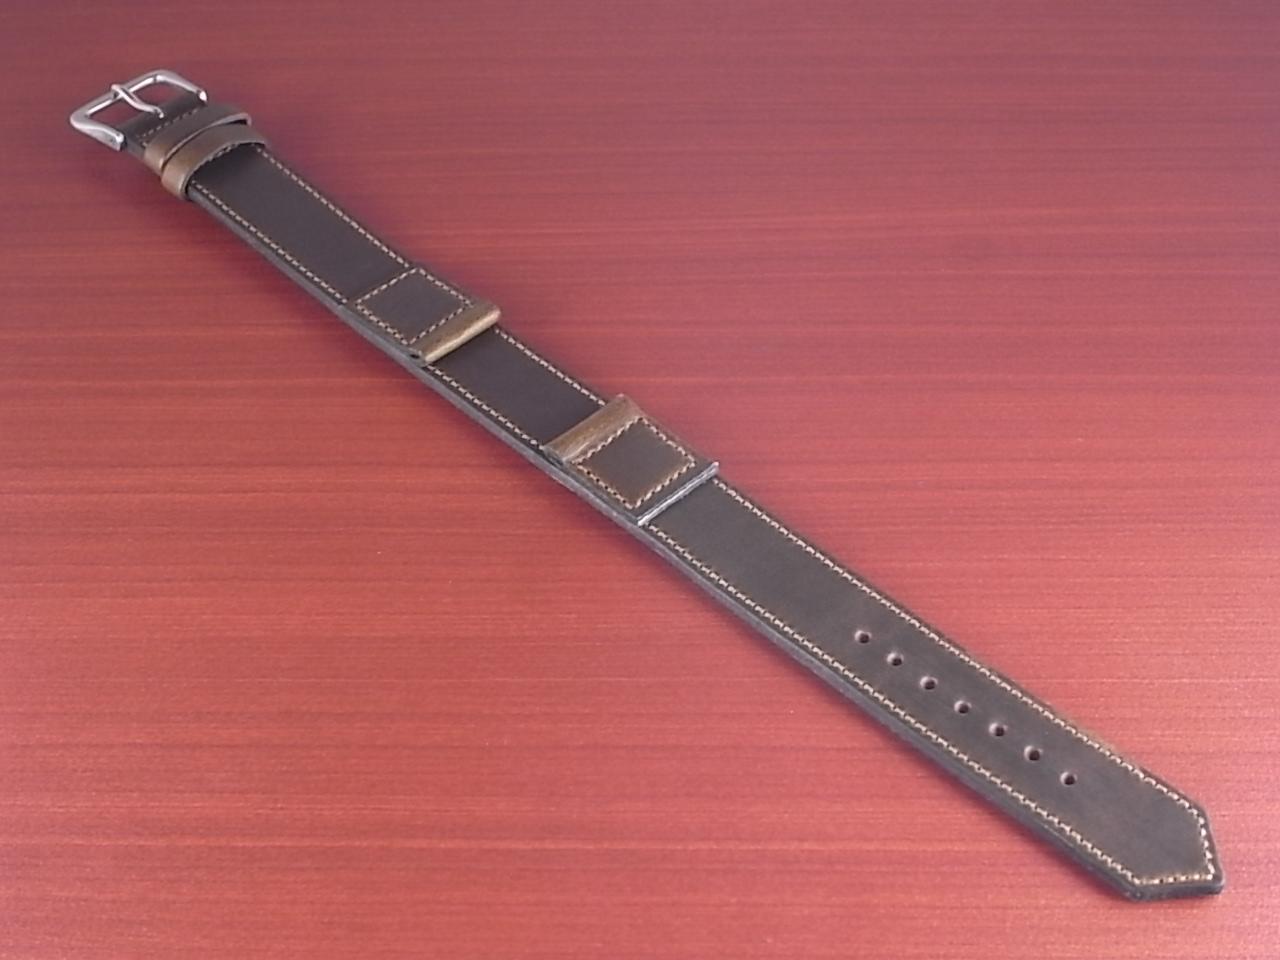 ホーウィン クロムエクセル 米軍タイプ革ベルト オリーブ 16mmのメイン写真